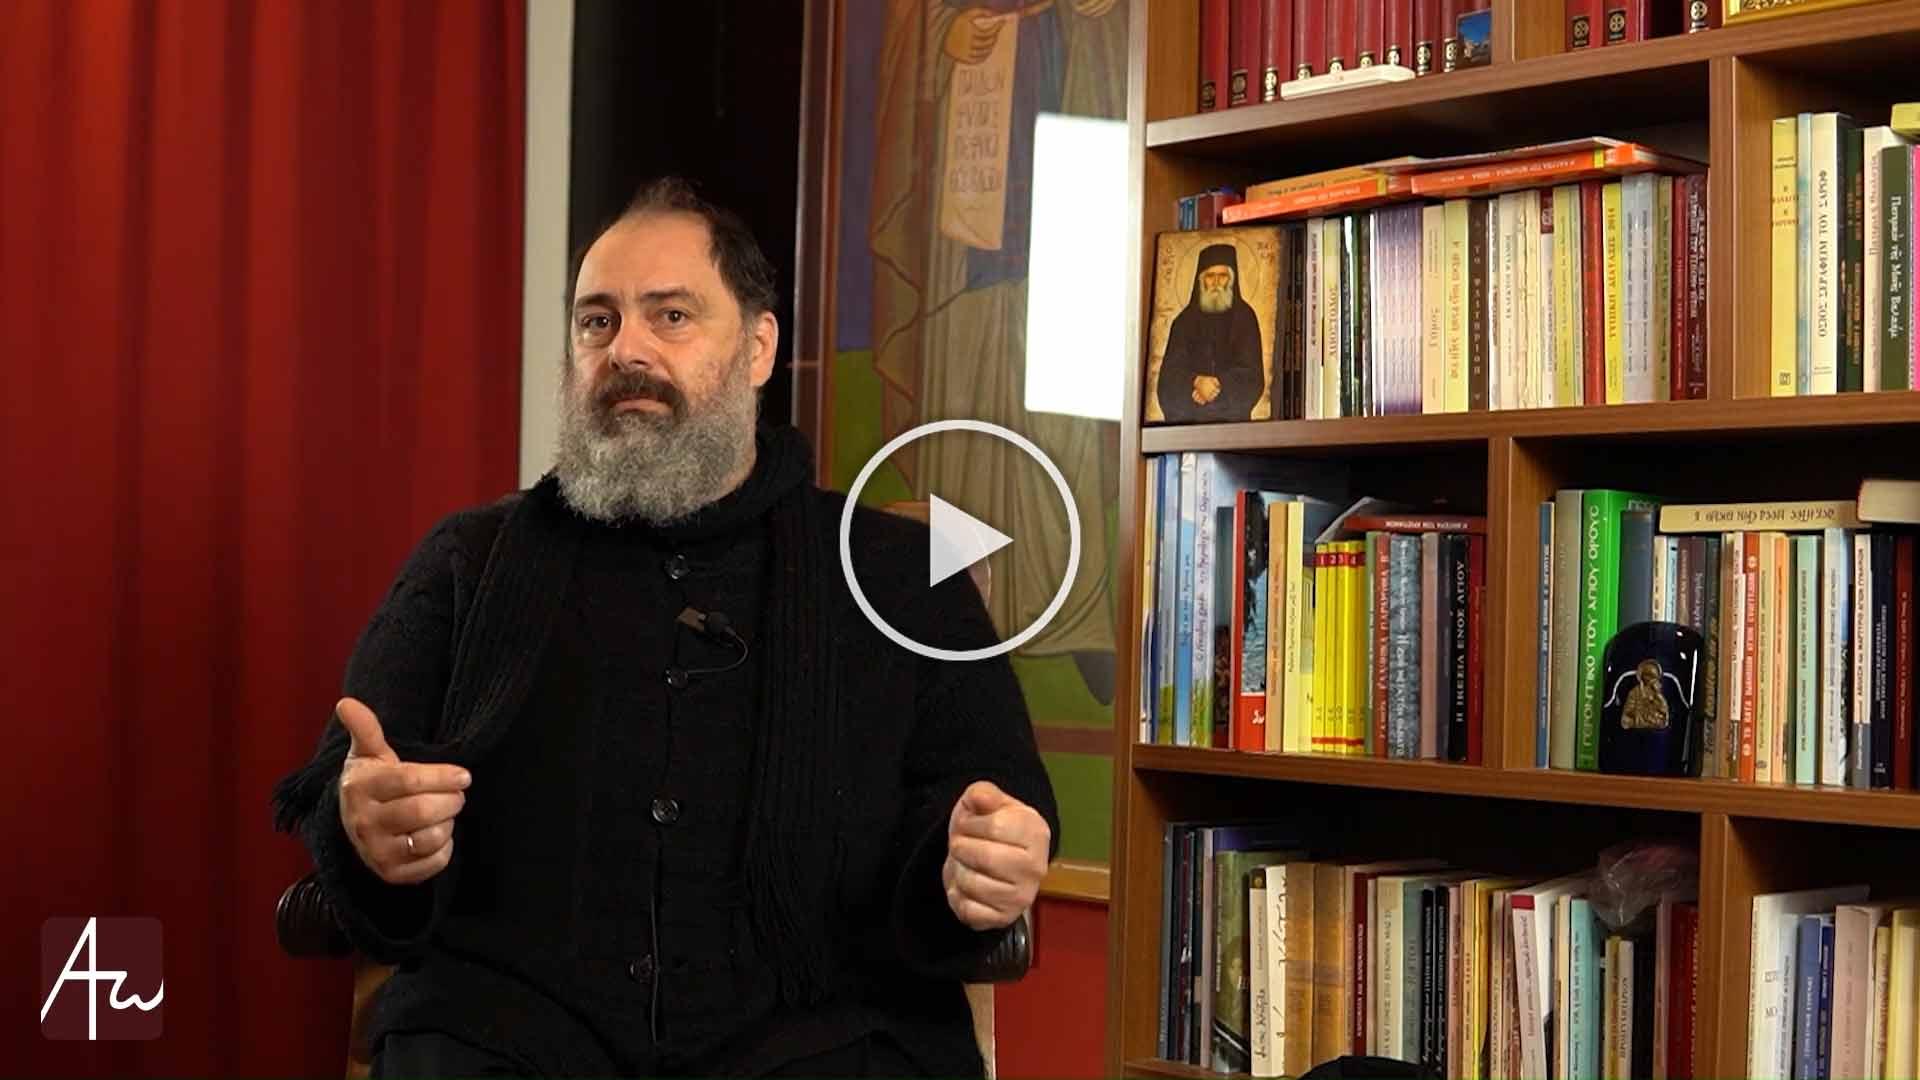 Η διδασκαλία εν μέσω πανδημίας - Επικαιρότητα - Απαρχή